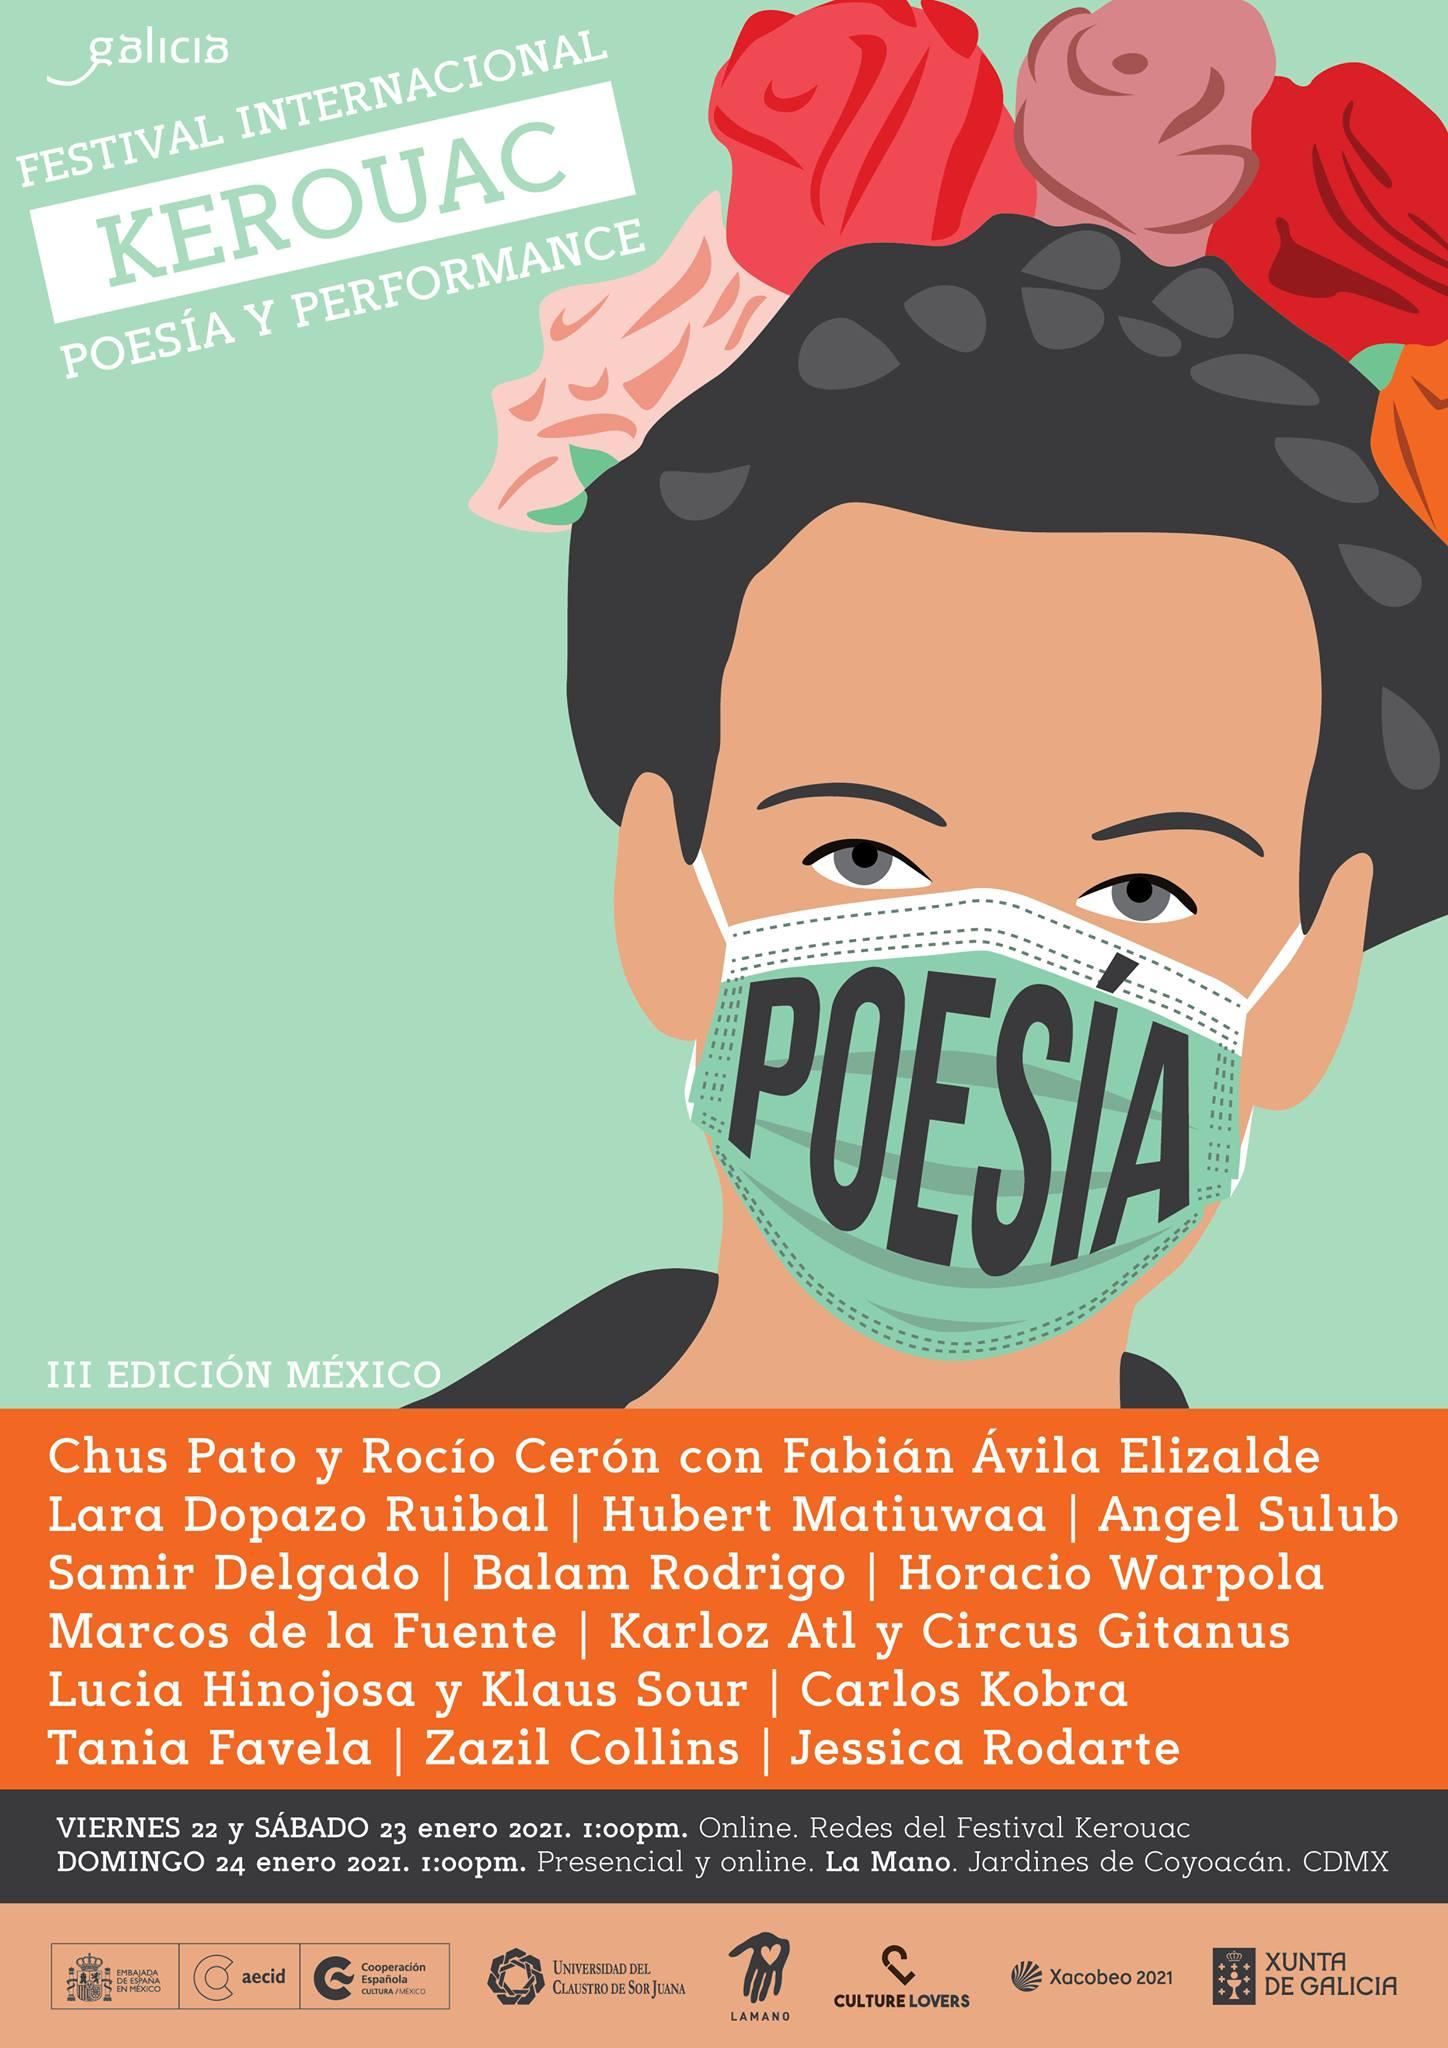 Poesía galega, estadounidense e mexicana danse cita no encontro entre o 22 e o 24 de xaneiro